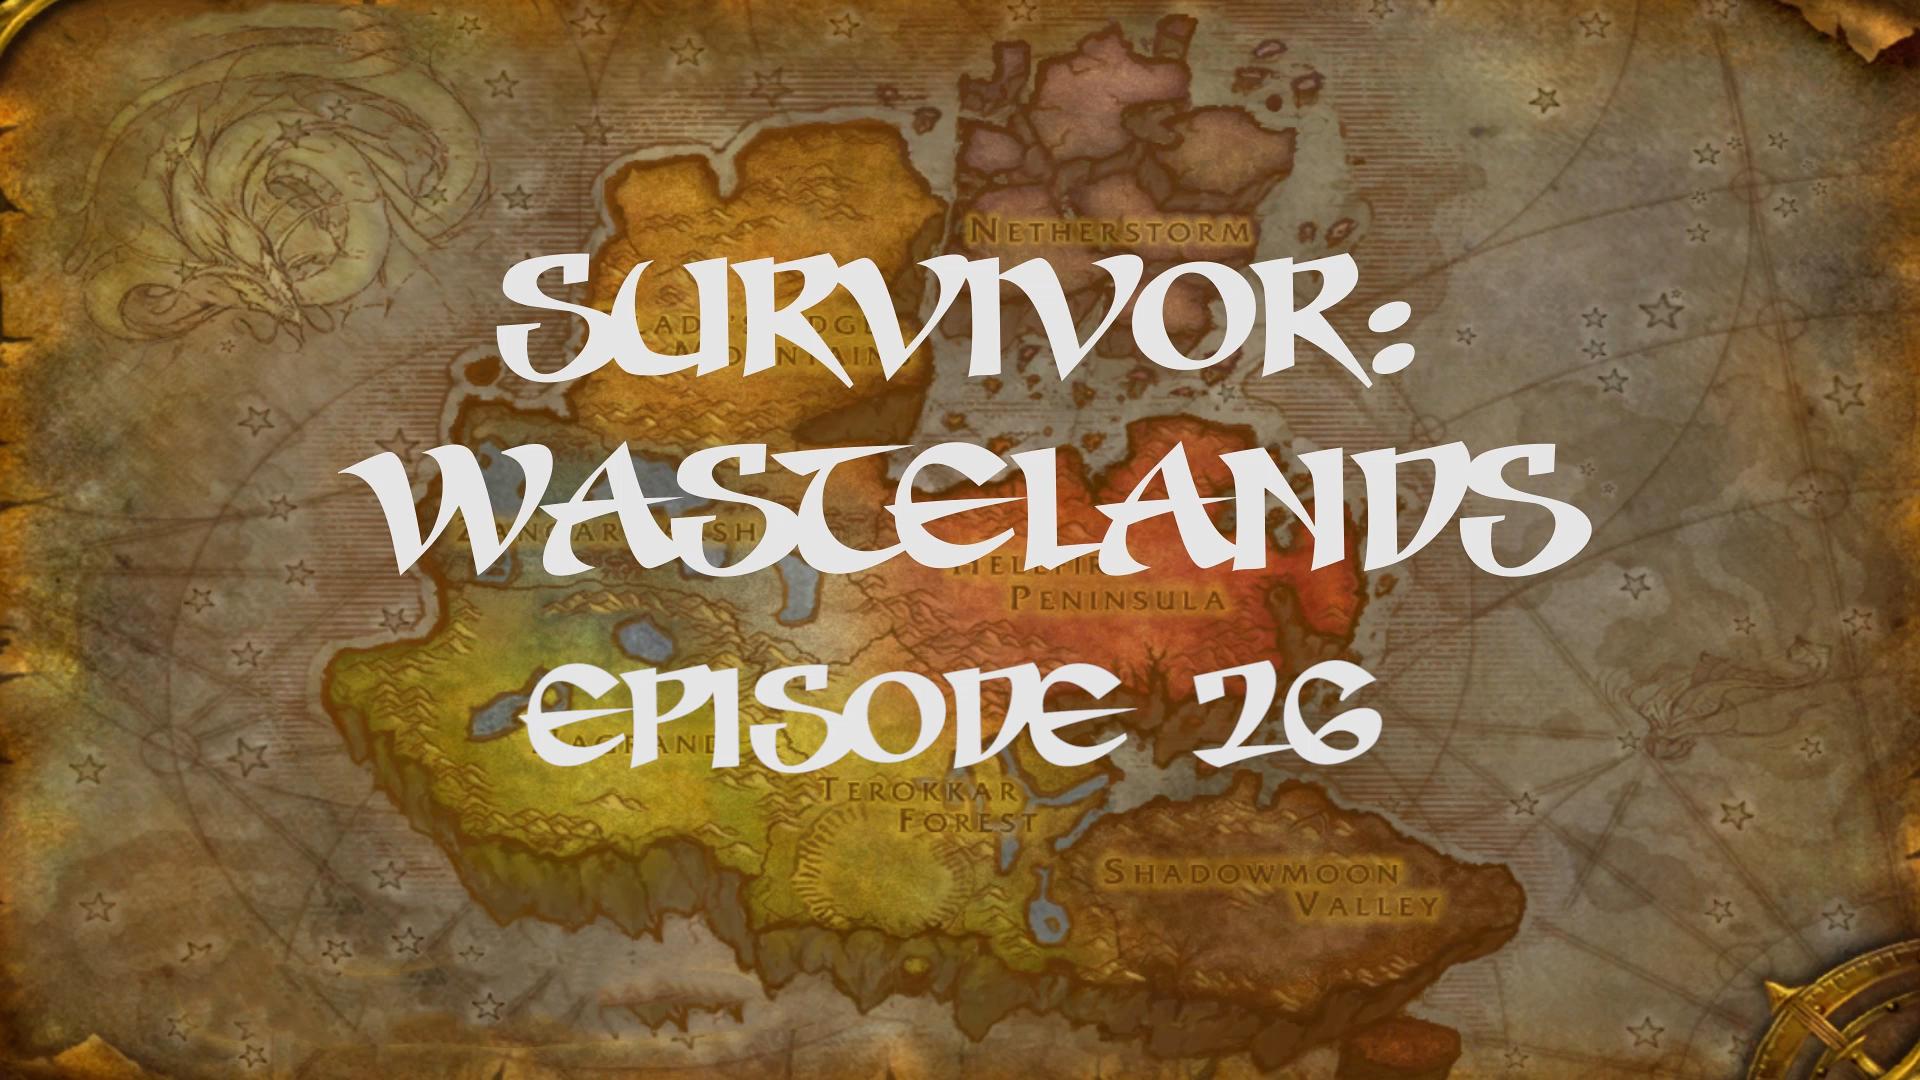 Survivor Wastelands Episode 26.jpg